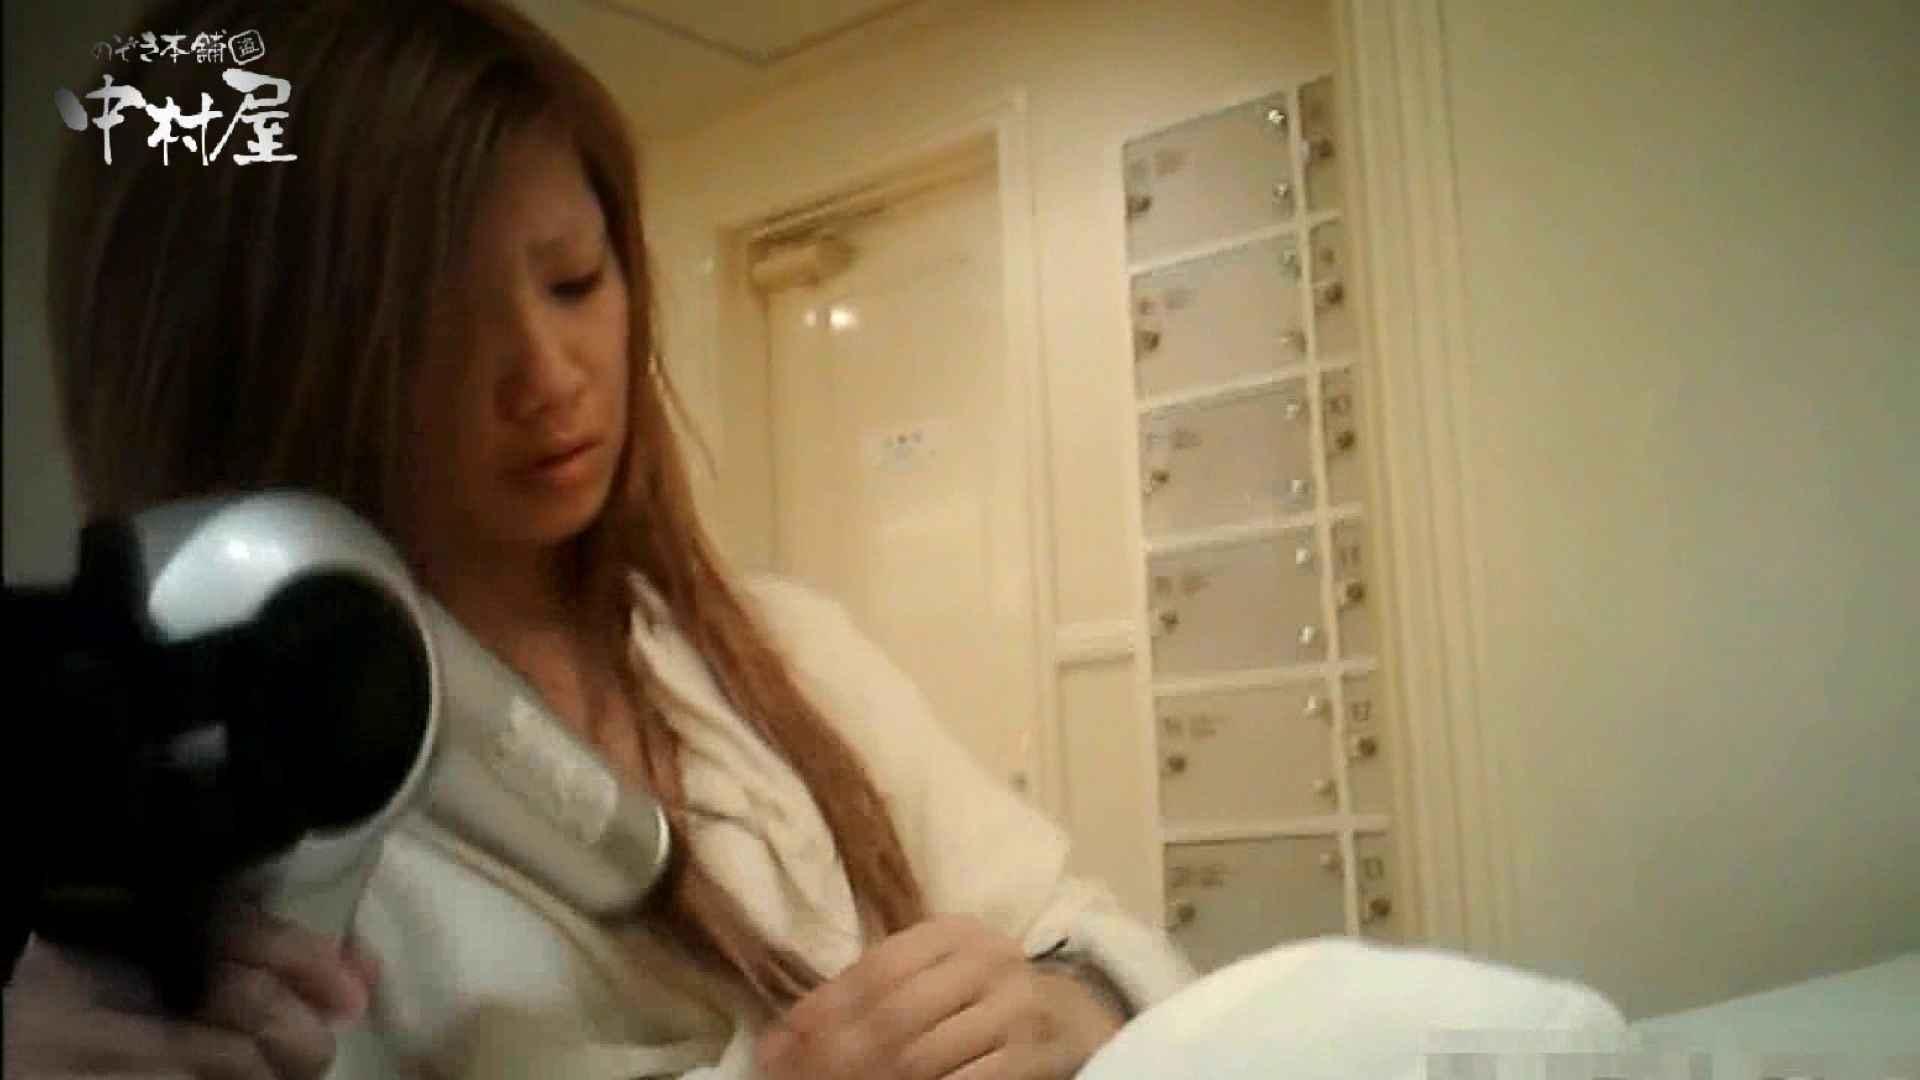 欲望 リアルドール Case.07 Mちゃん19歳 巨乳ギャル 女子大生のエロ動画   巨乳編  76PIX 73